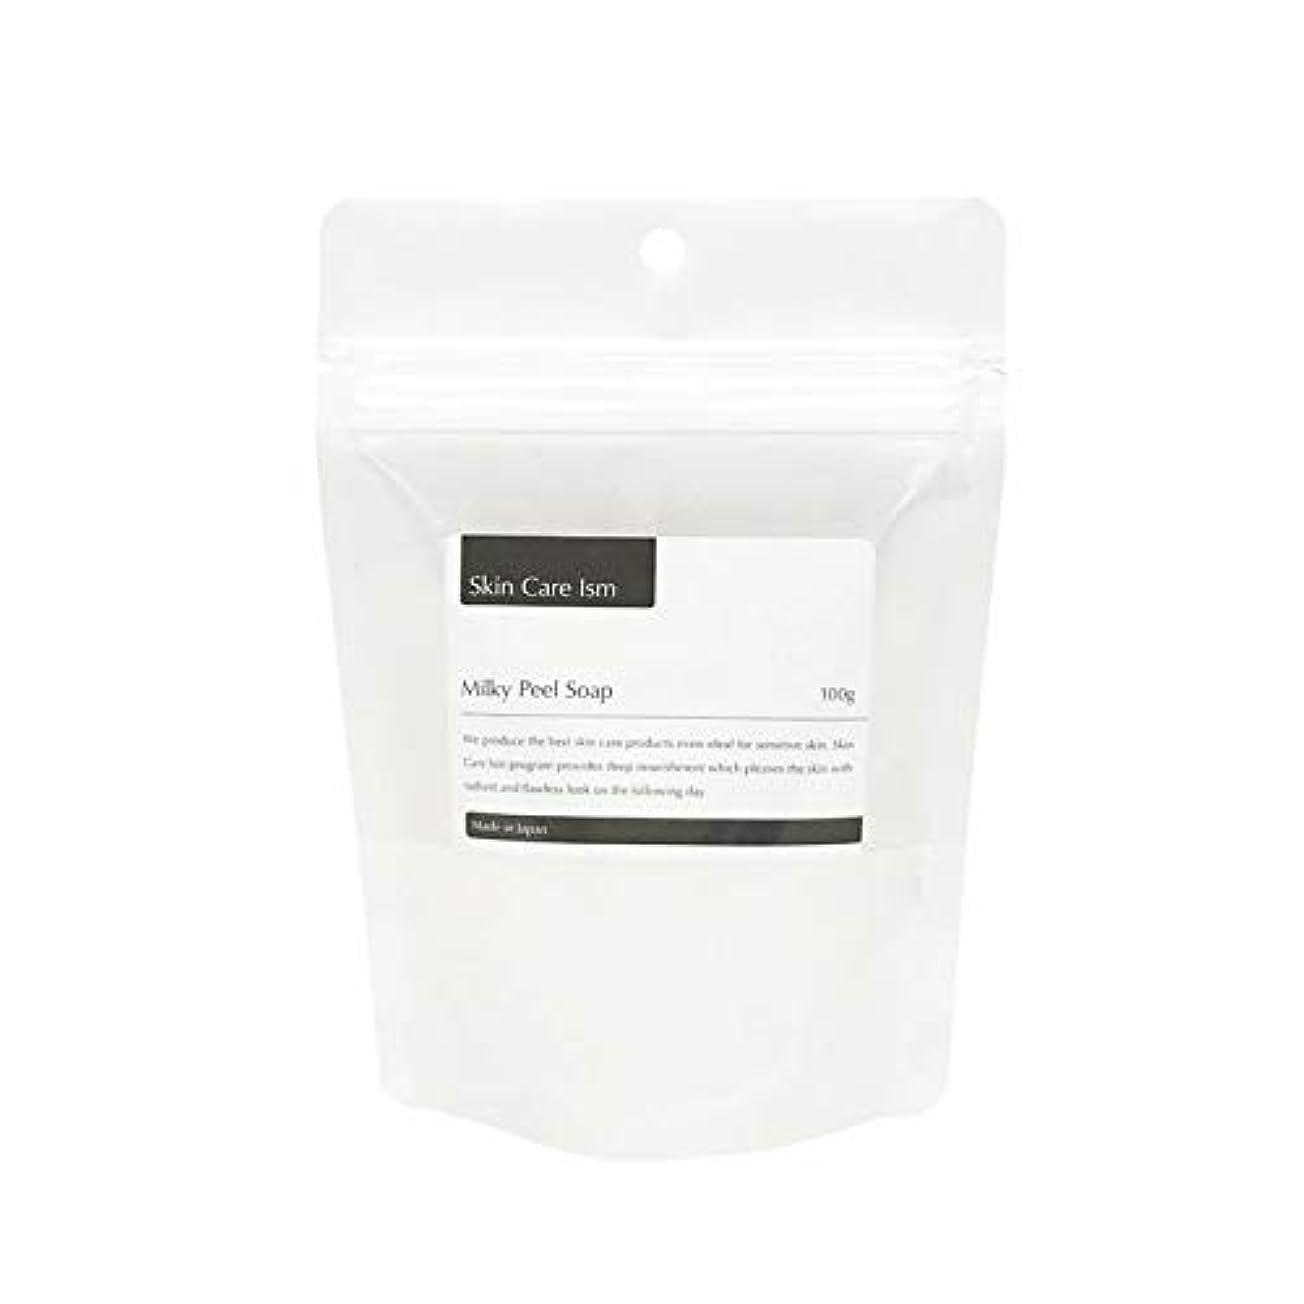 ラウンジ該当する作成者【Skin Care Ism / Milky Peel Soap】スキンケアイズム?ミルキーピールソープ